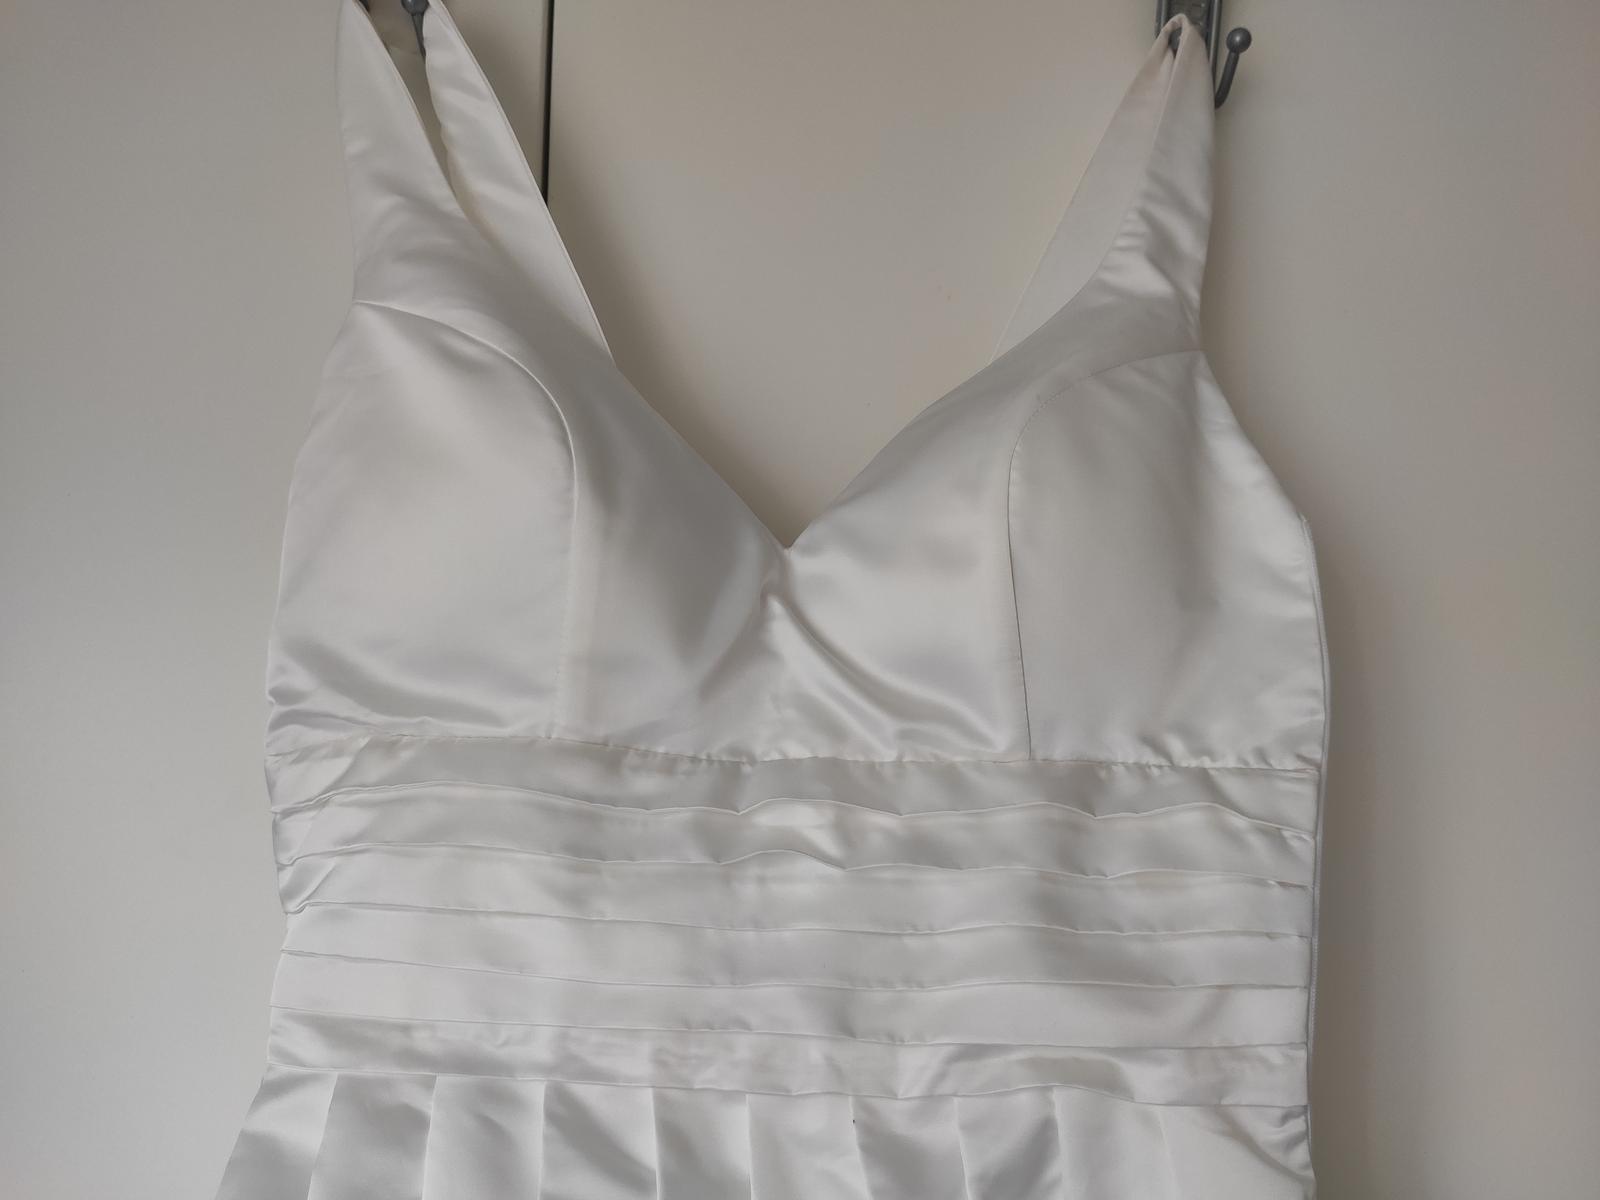 Krásné svatební šaty - Obrázek č. 3